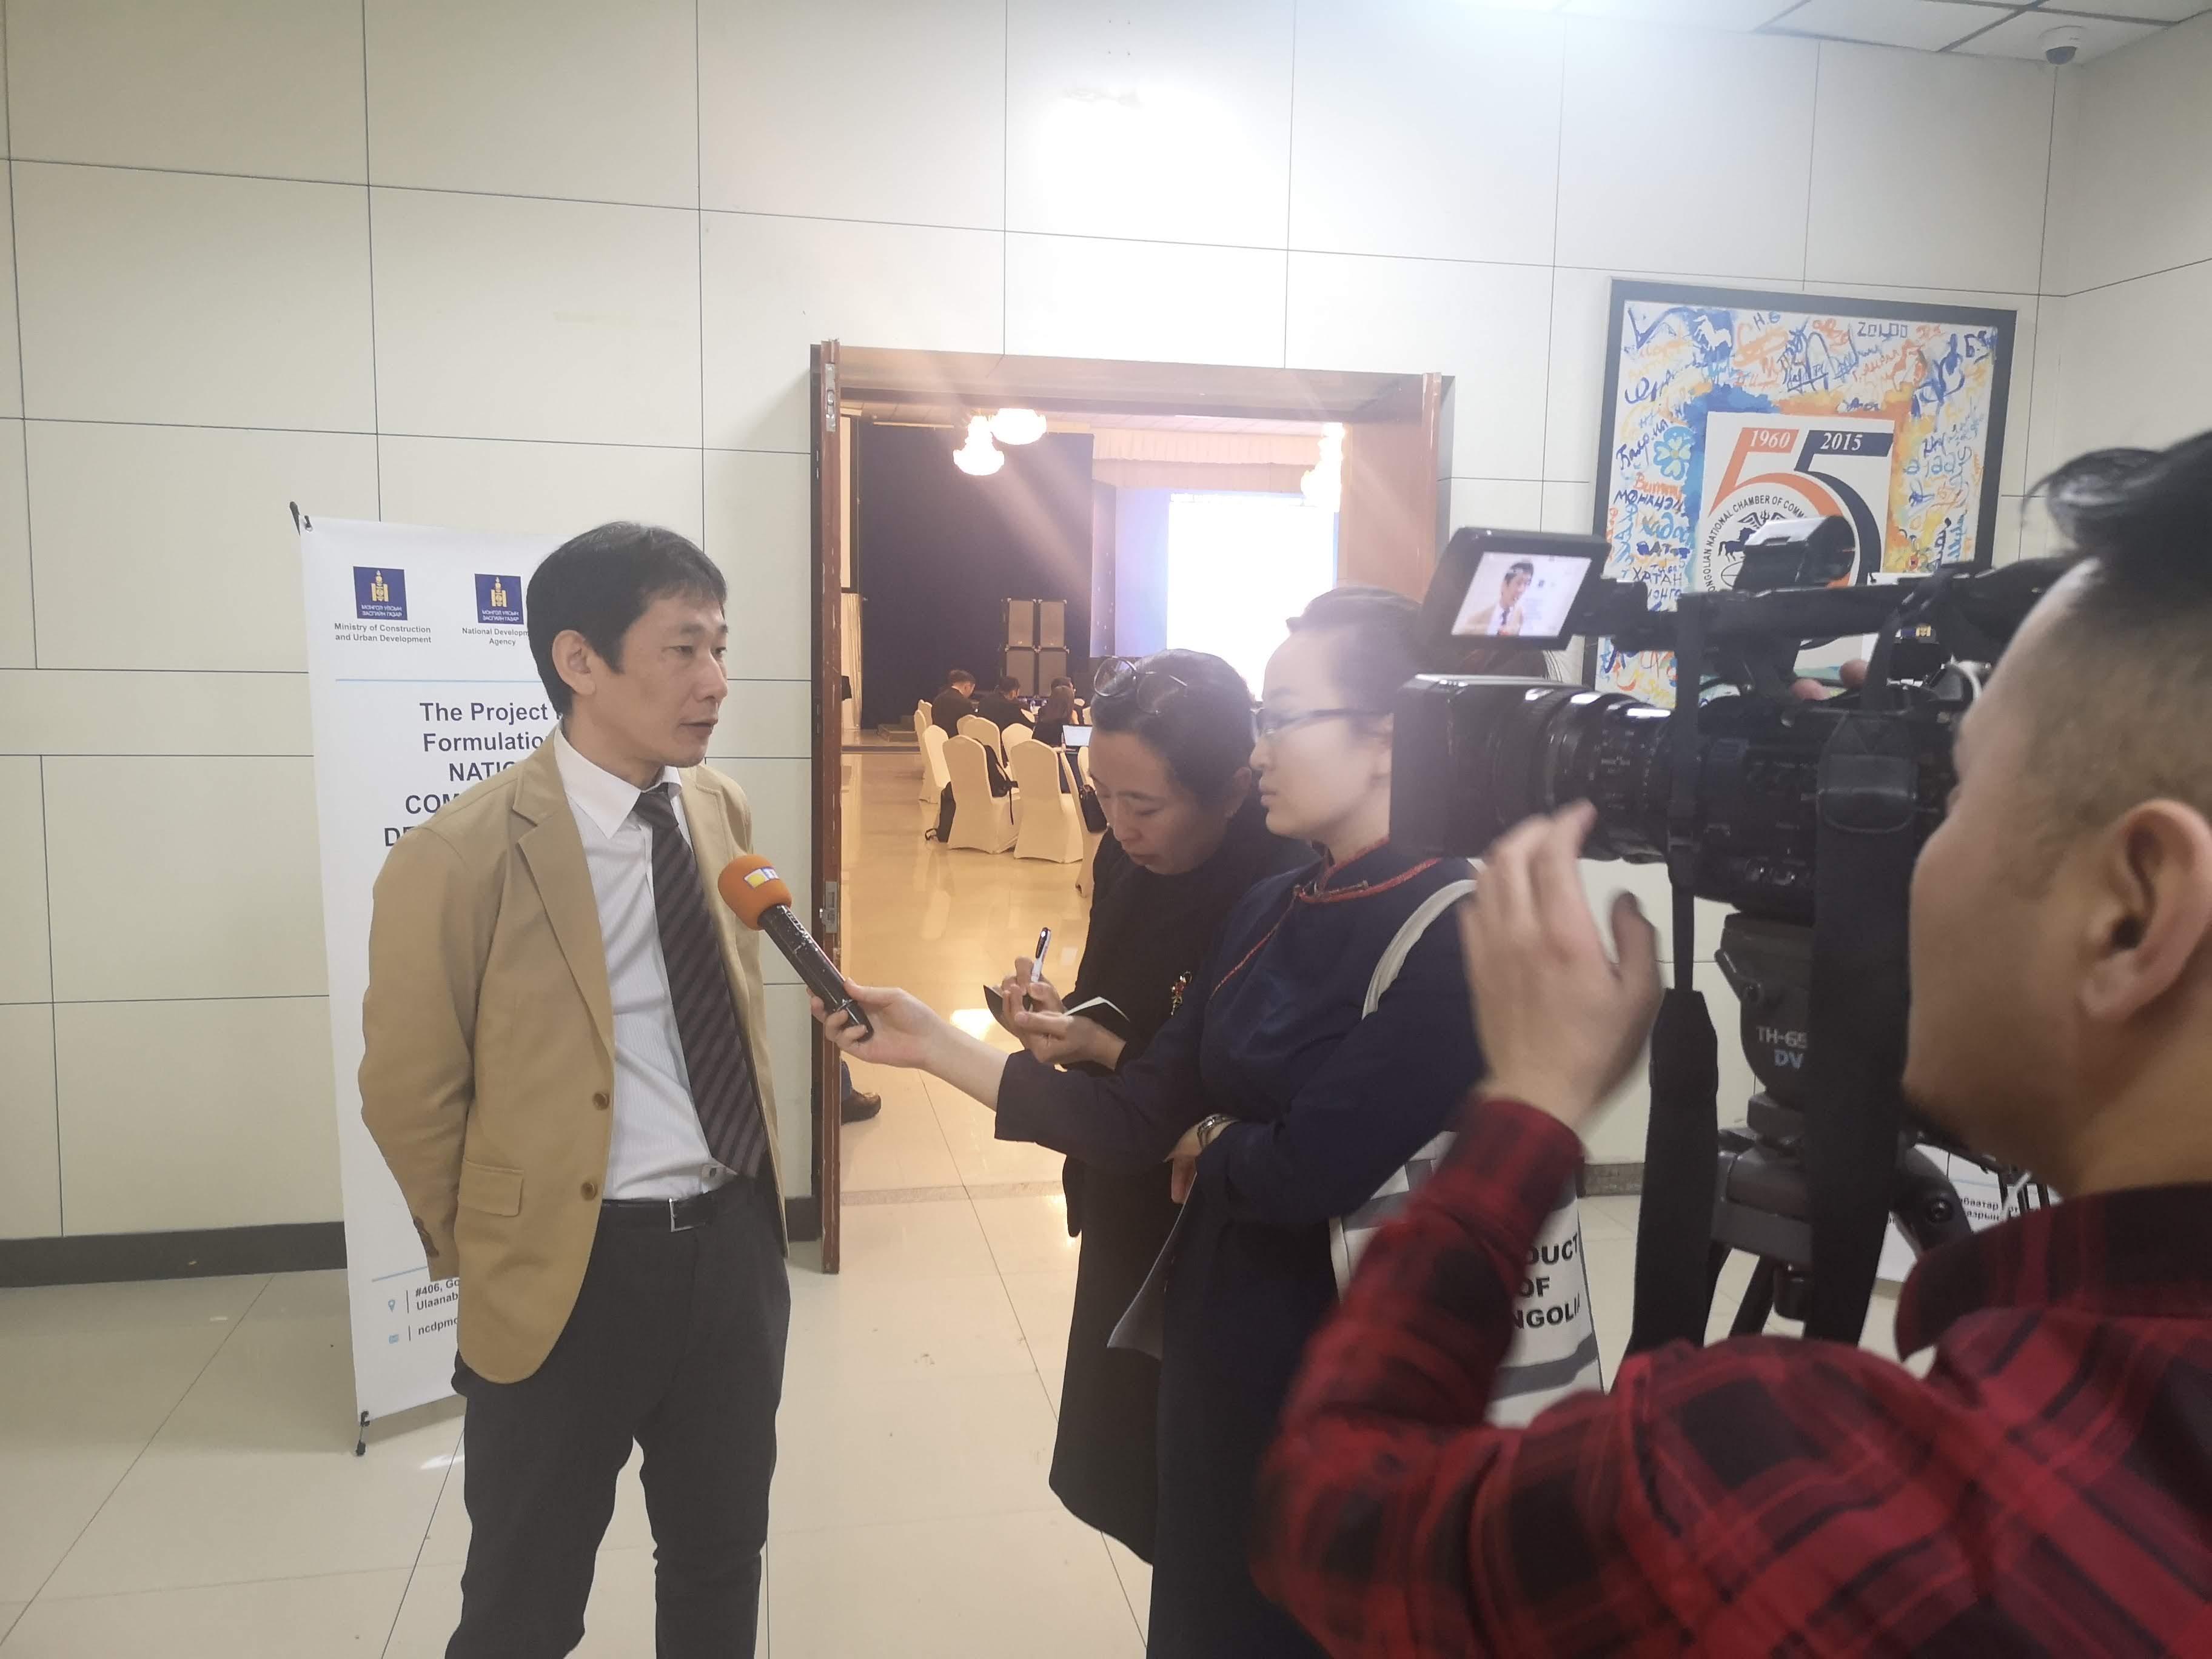 ステークホルダーを招待したミーティングにて国営放送からインタビューを受ける団員:モンゴル国内の有識者、民間企業を含む広域なステークホルダーを招待した。